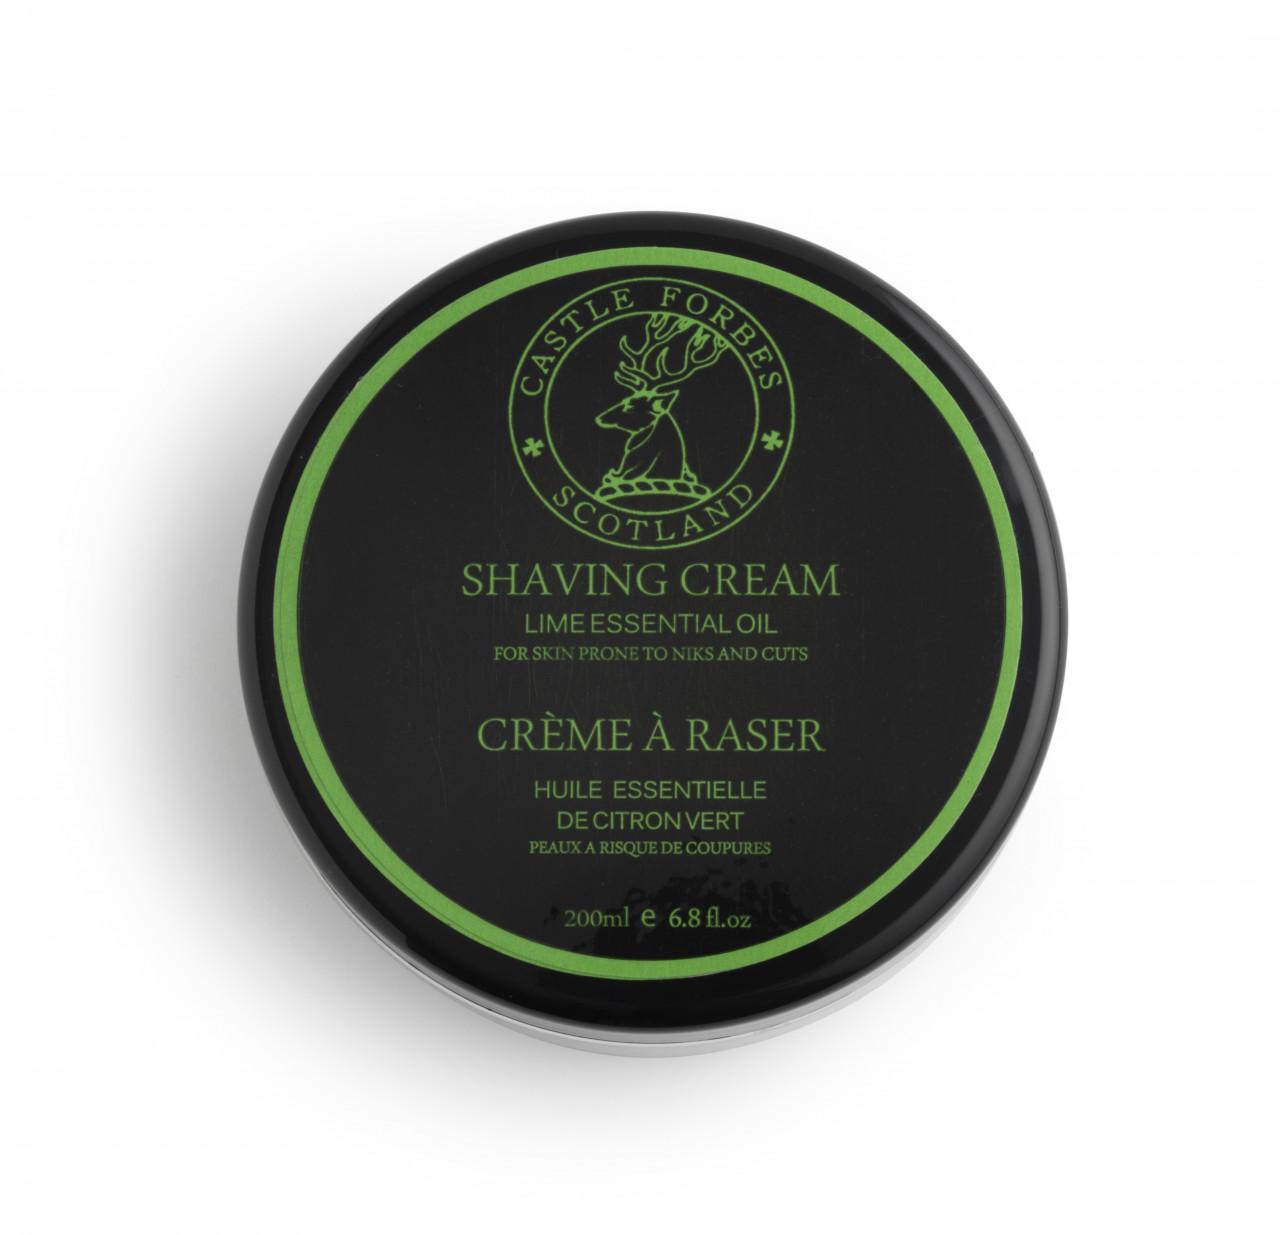 Castle Forbes - Shaving Cream Lime | Rasiercreme